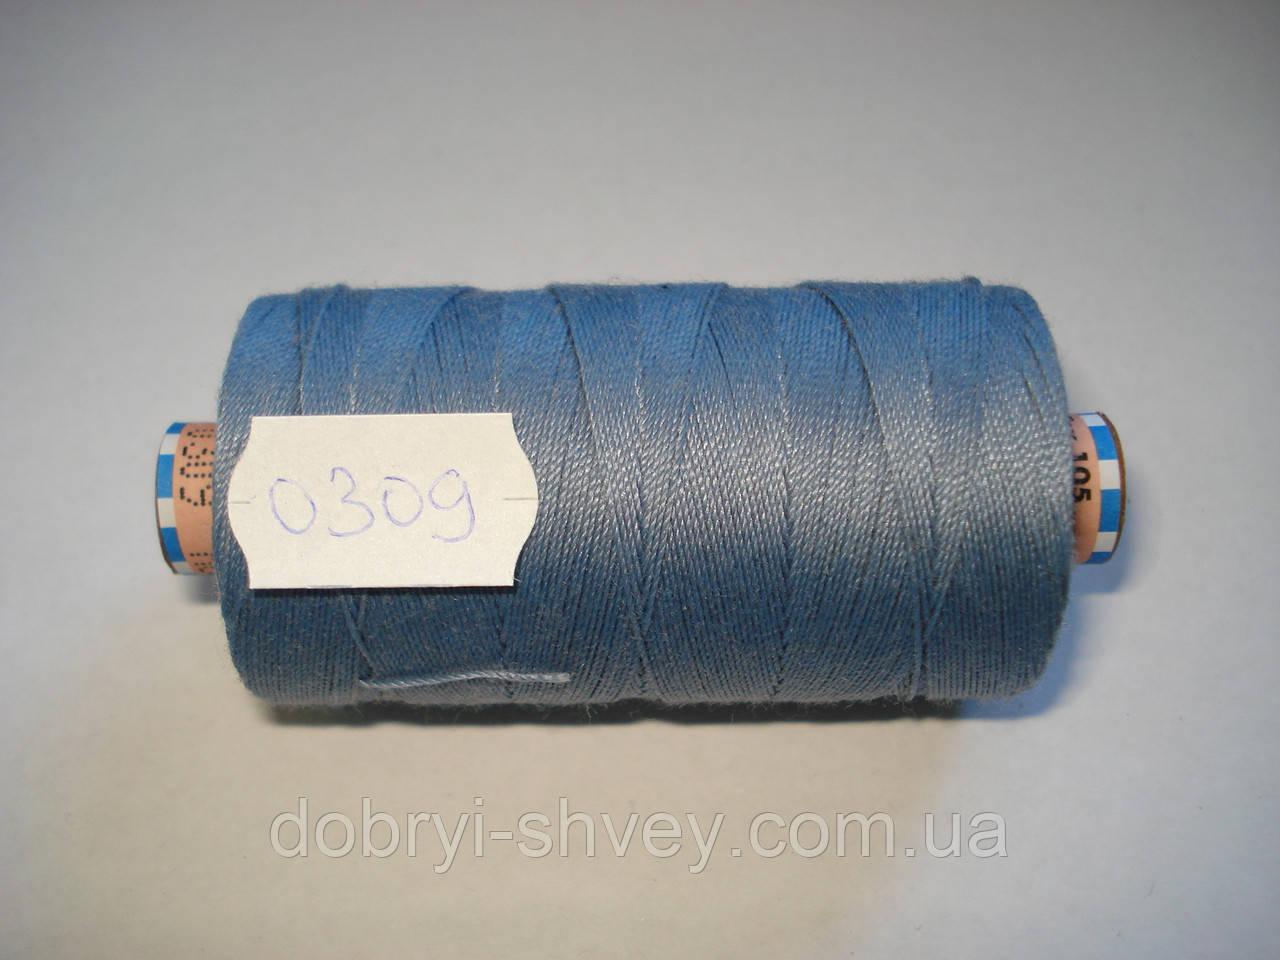 Нитка AMANN Saba c №30 300м.col 0309 голубой (шт.)